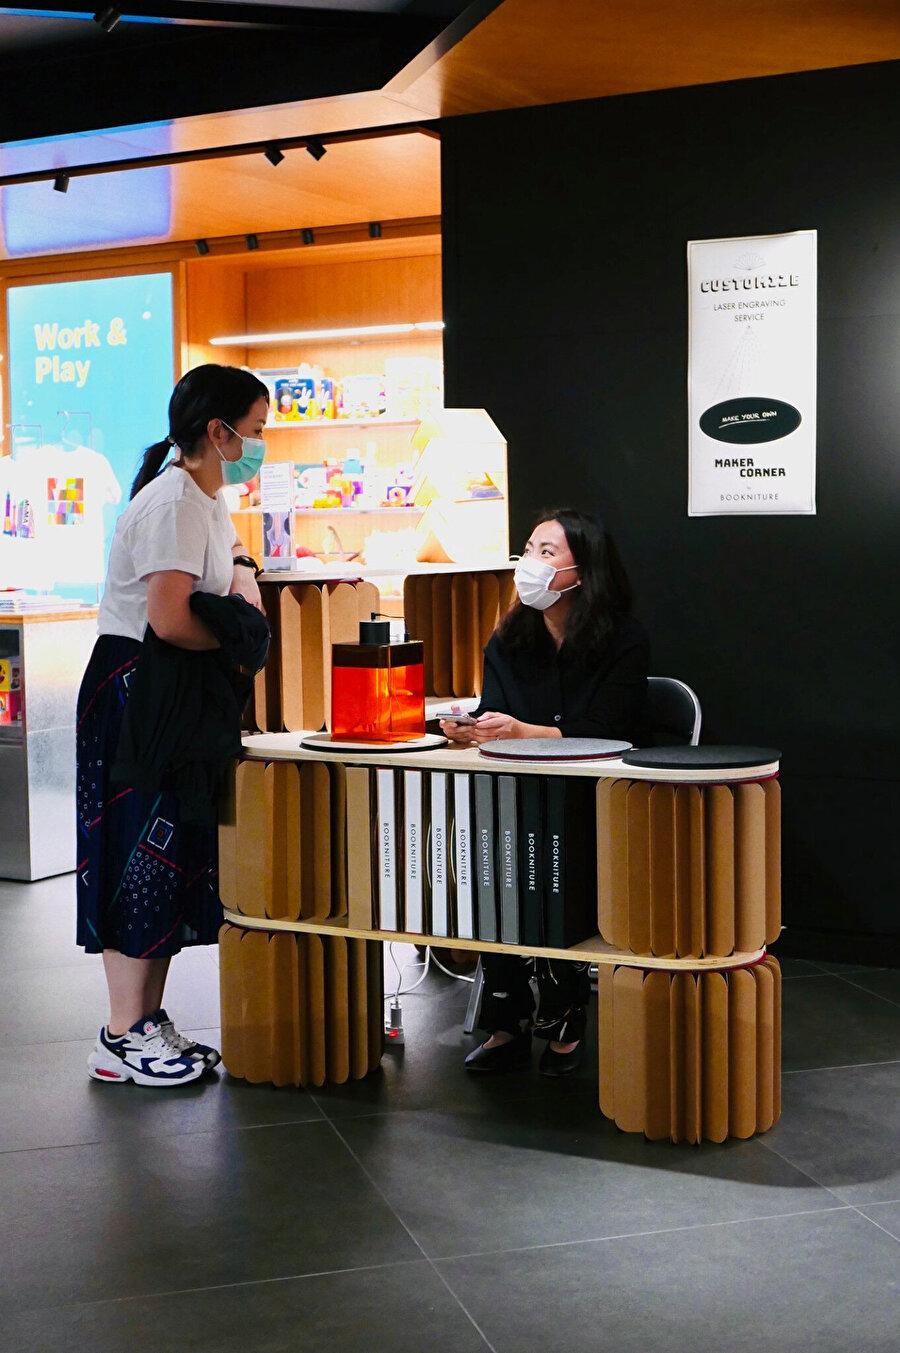 Bookniture kahve, gri, yeşil, siyah ve selvage olmak üzere beş farklı renkte üretiliyor.